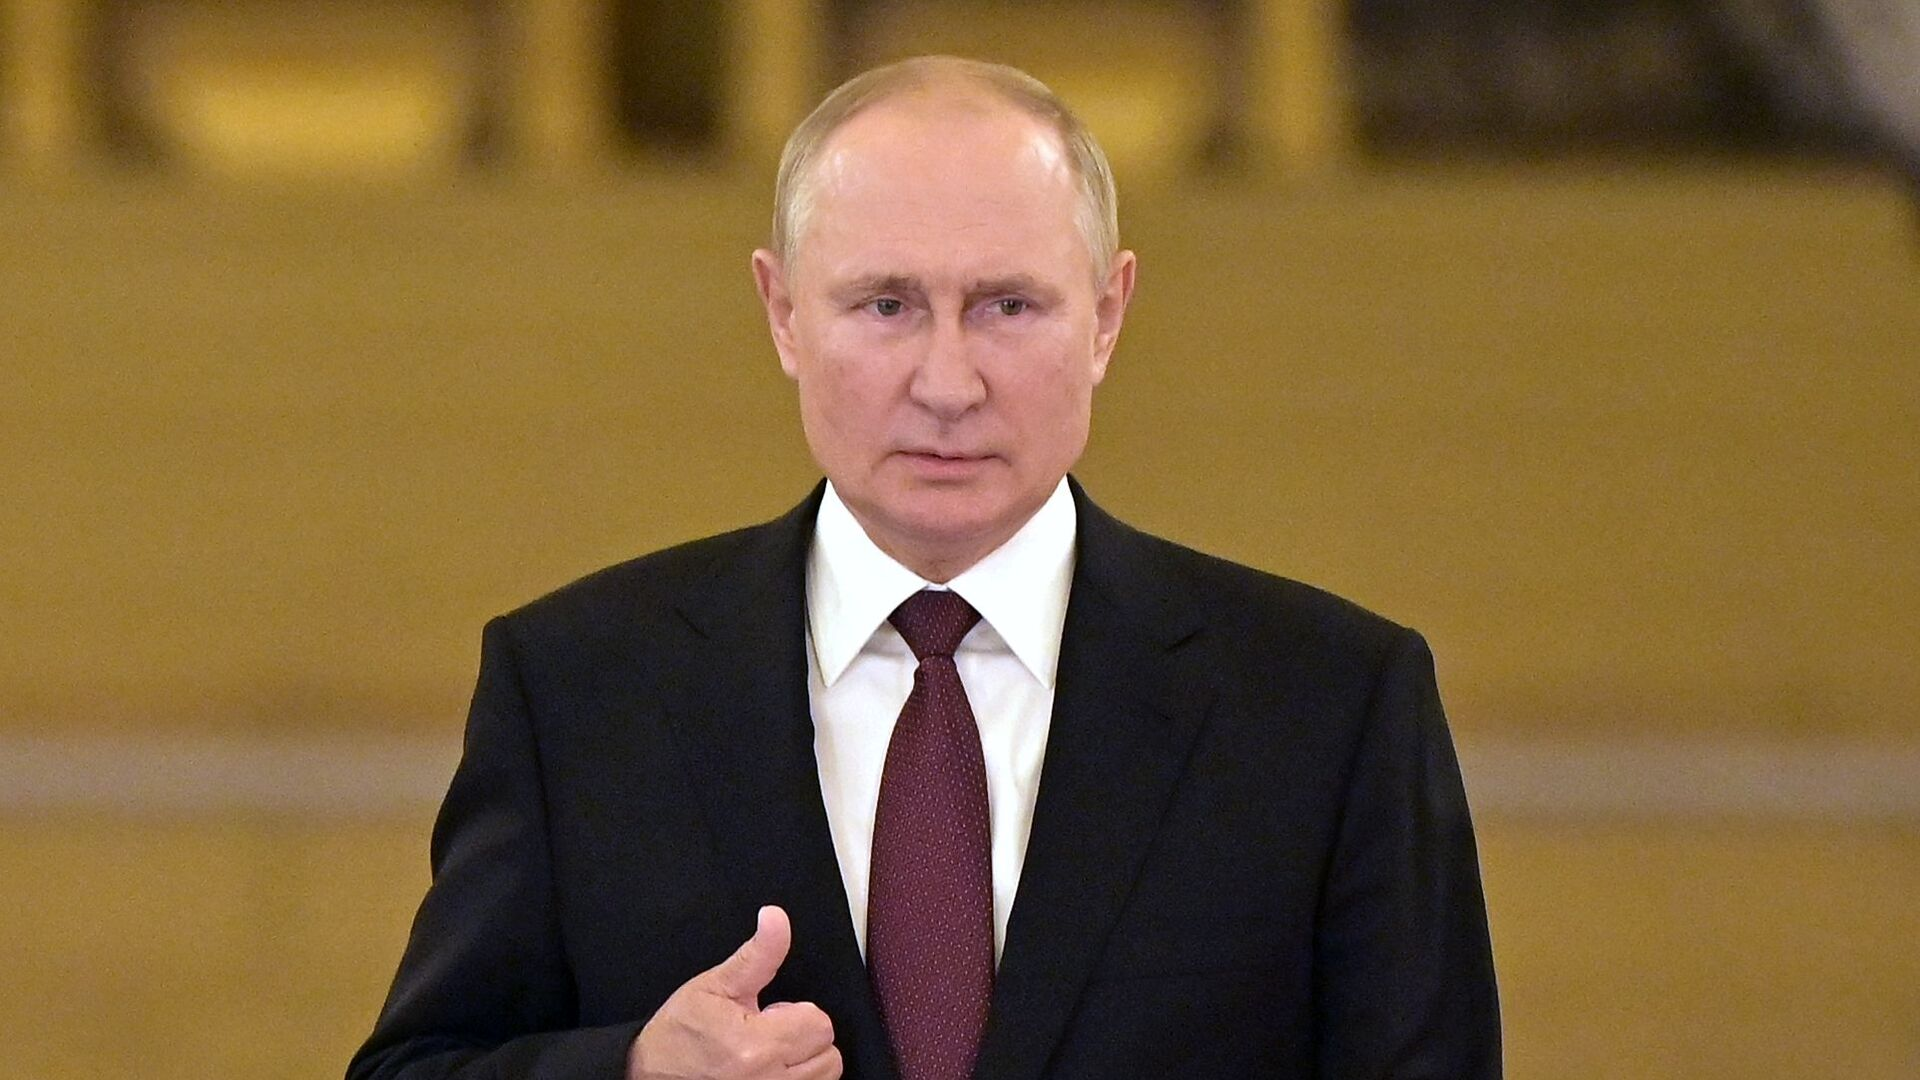 Vladimir Putin, arxiv şəkli  - Sputnik Azərbaycan, 1920, 25.09.2021